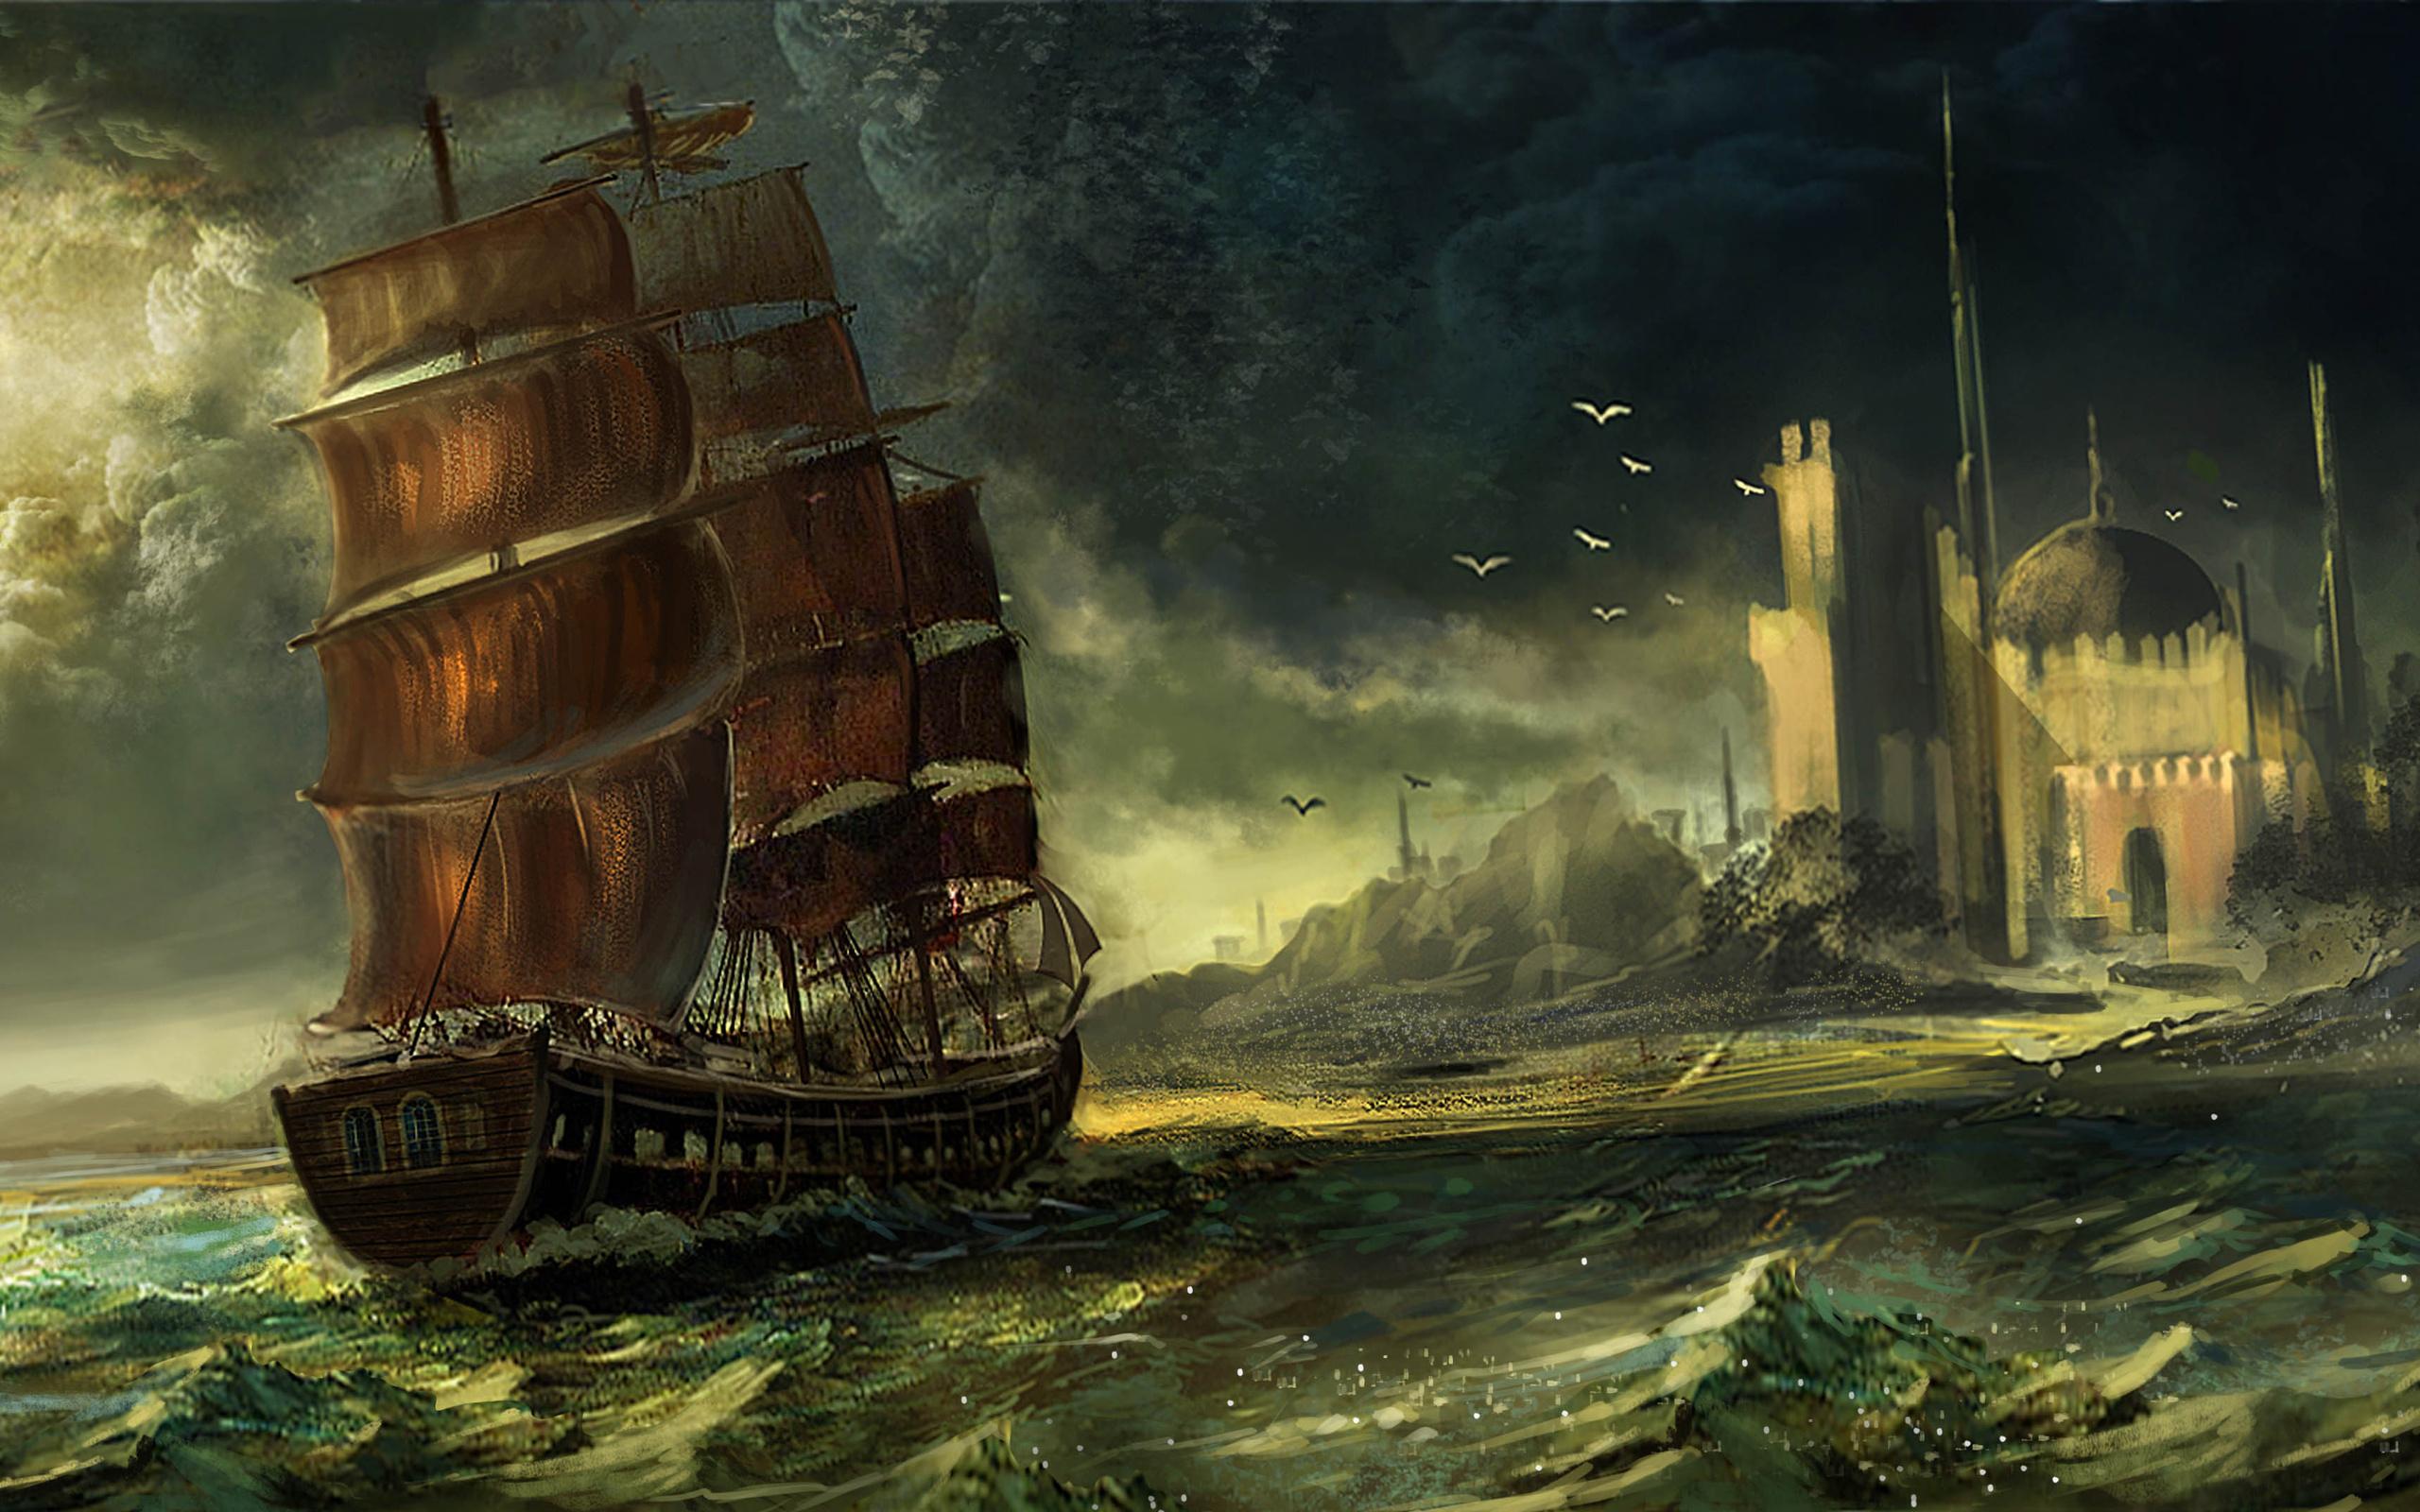 Sea waqas mallick ship sailing art wallpaper 2560x1600 163392 2560x1600